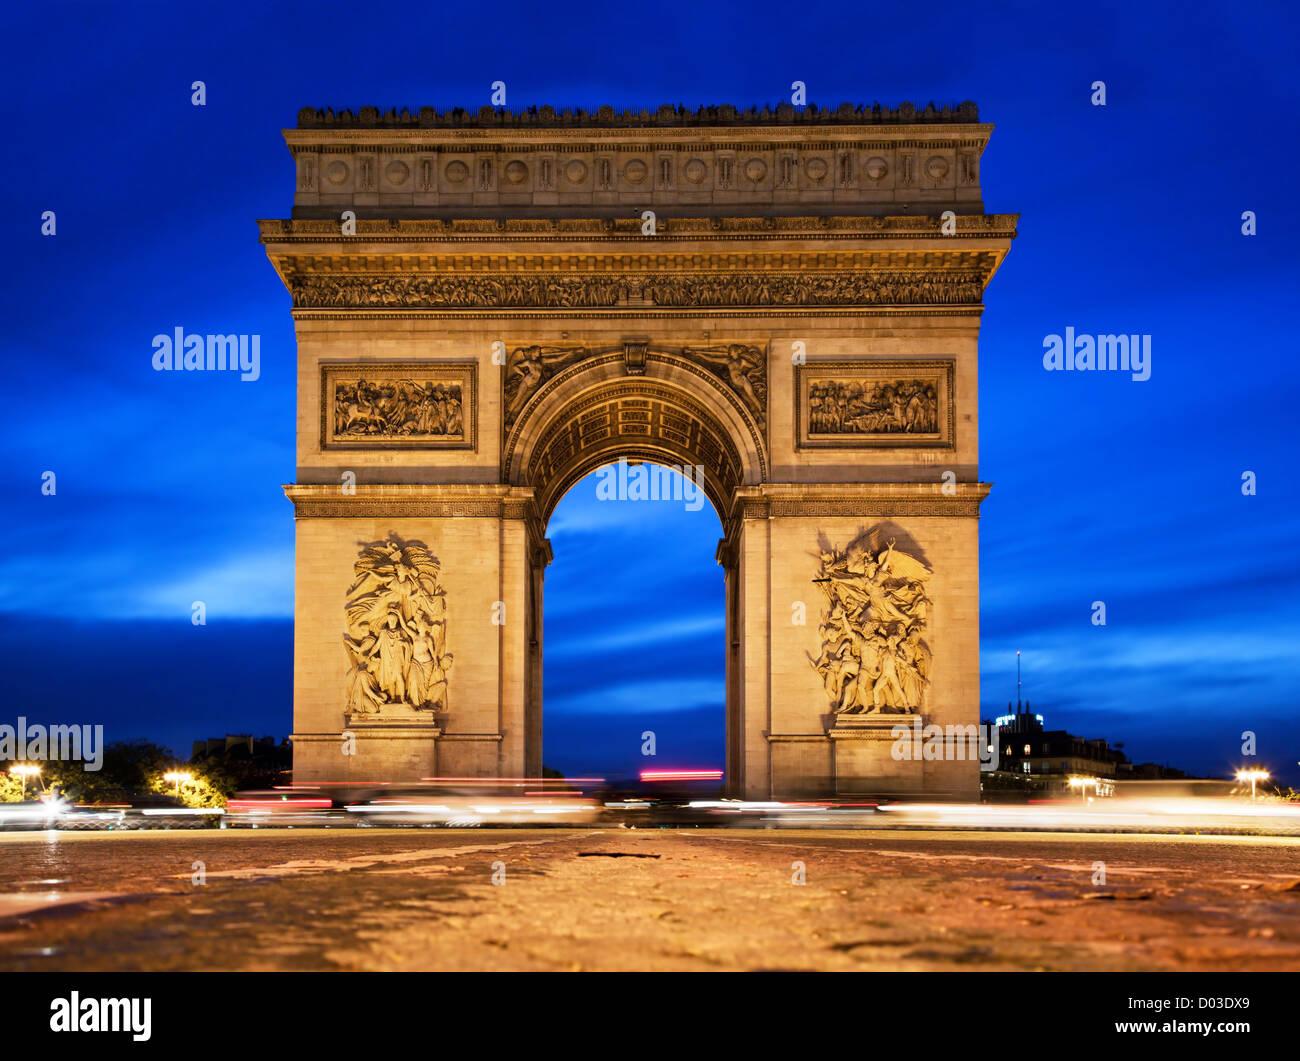 Arco di Trionfo, Parigi, Francia durante la notte. Vista dall'Avenue des Champs Elysees Immagini Stock